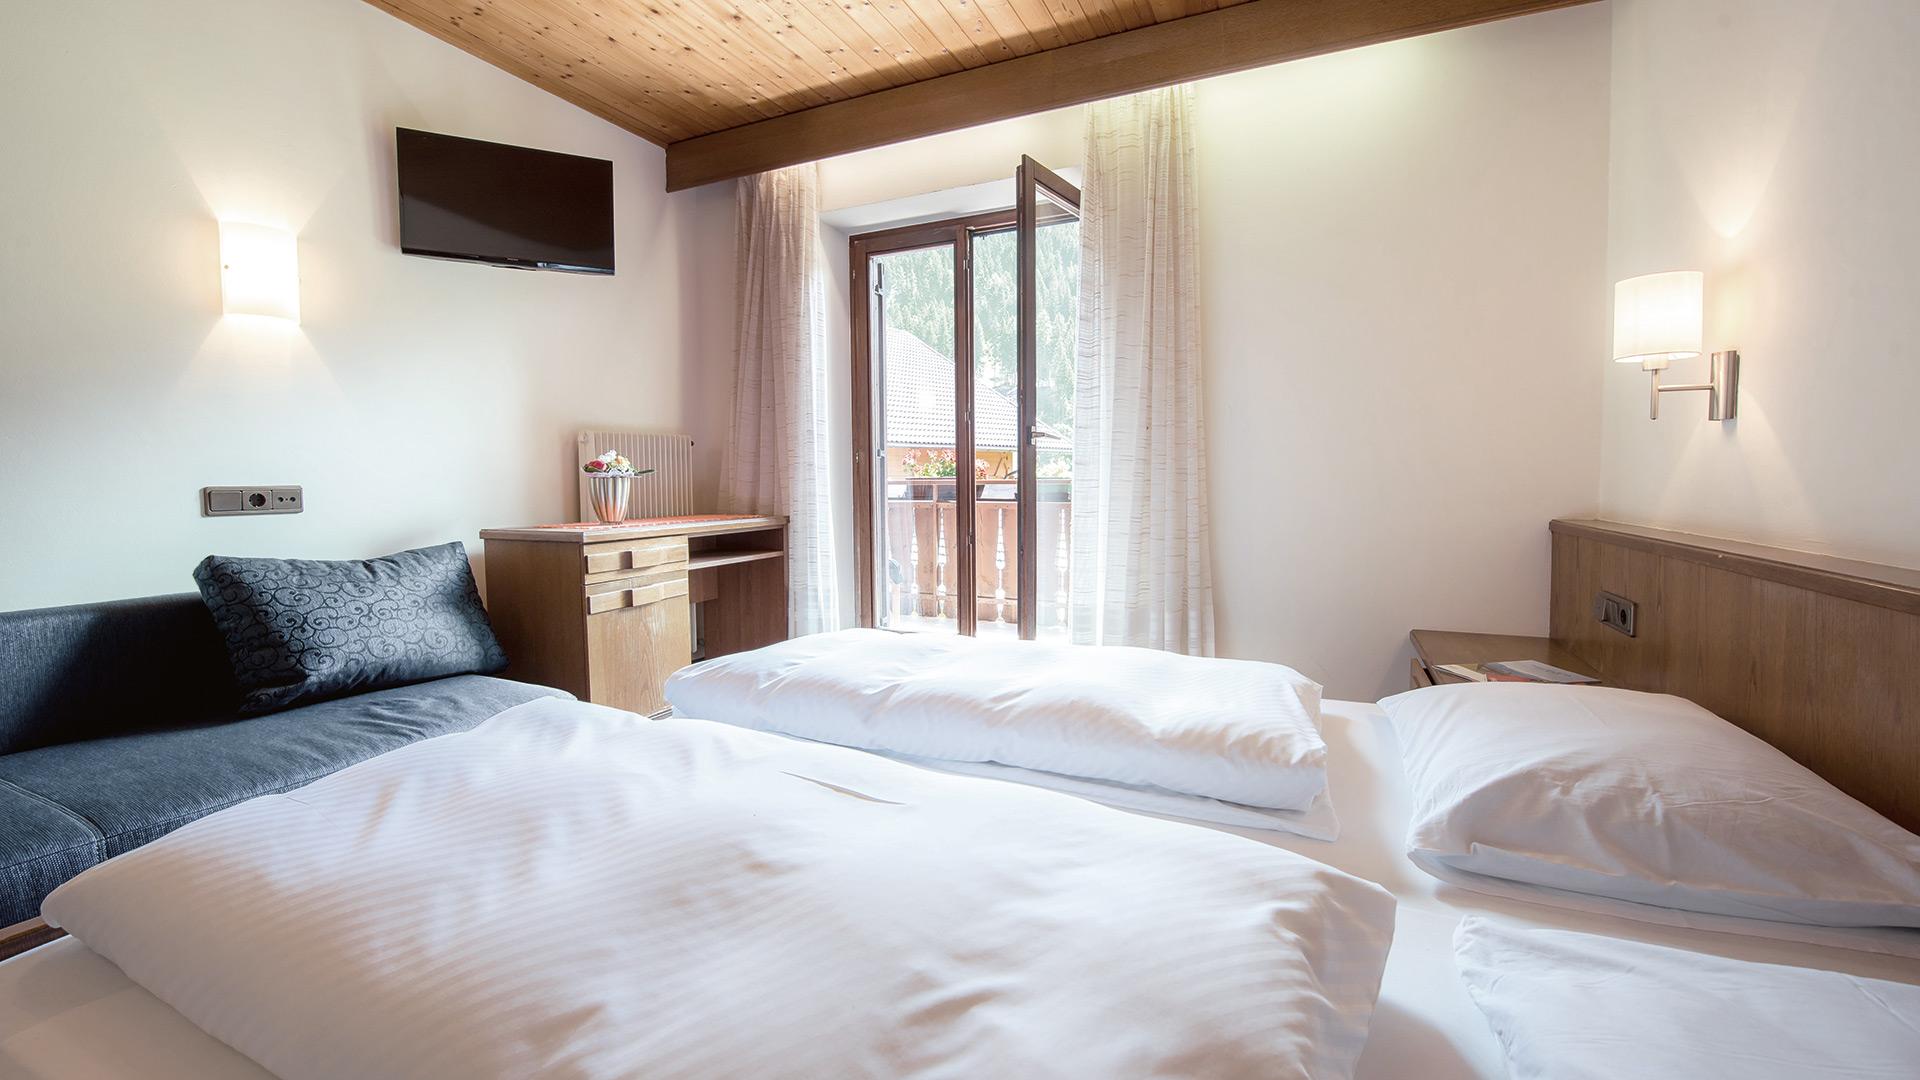 Zimmer buchen im Hotel Gasthof Rabenstein Sarntal